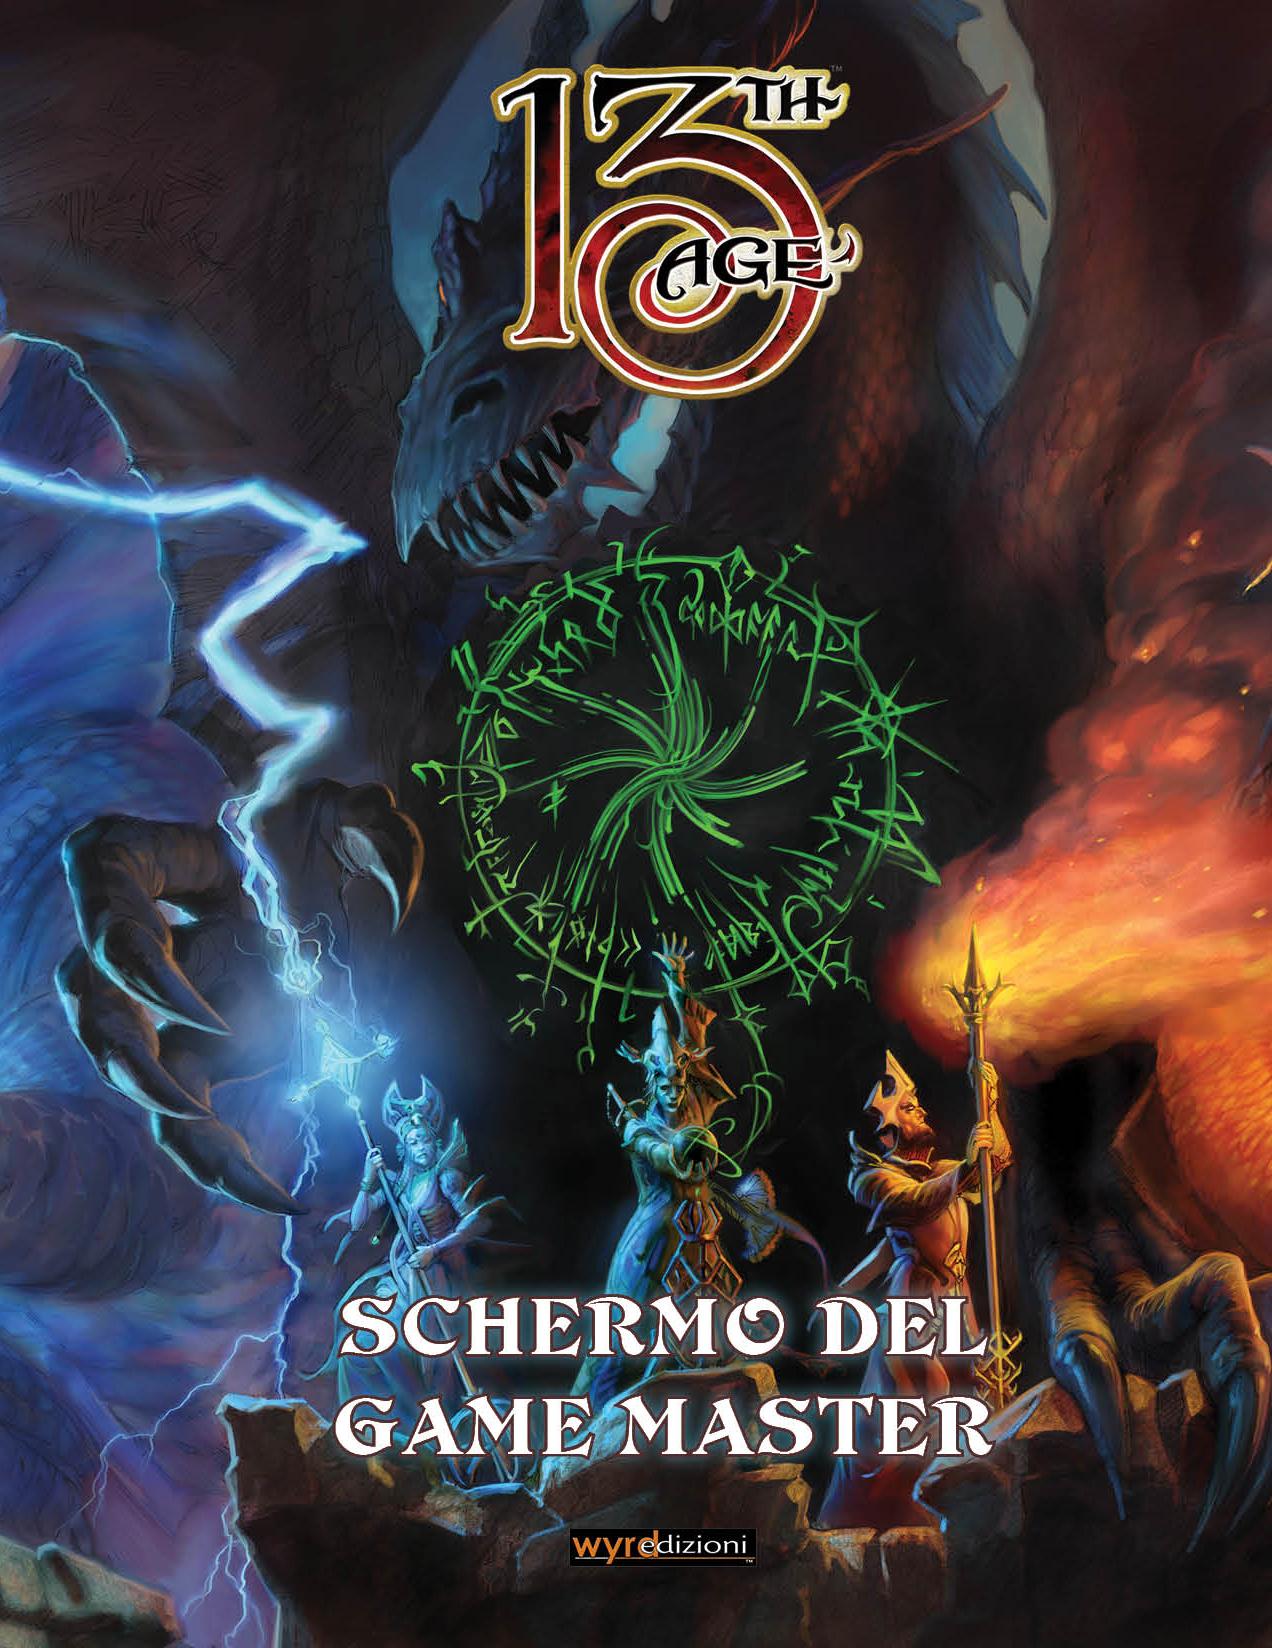 13TH AGE - SCHERMO DEL GAME MASTER